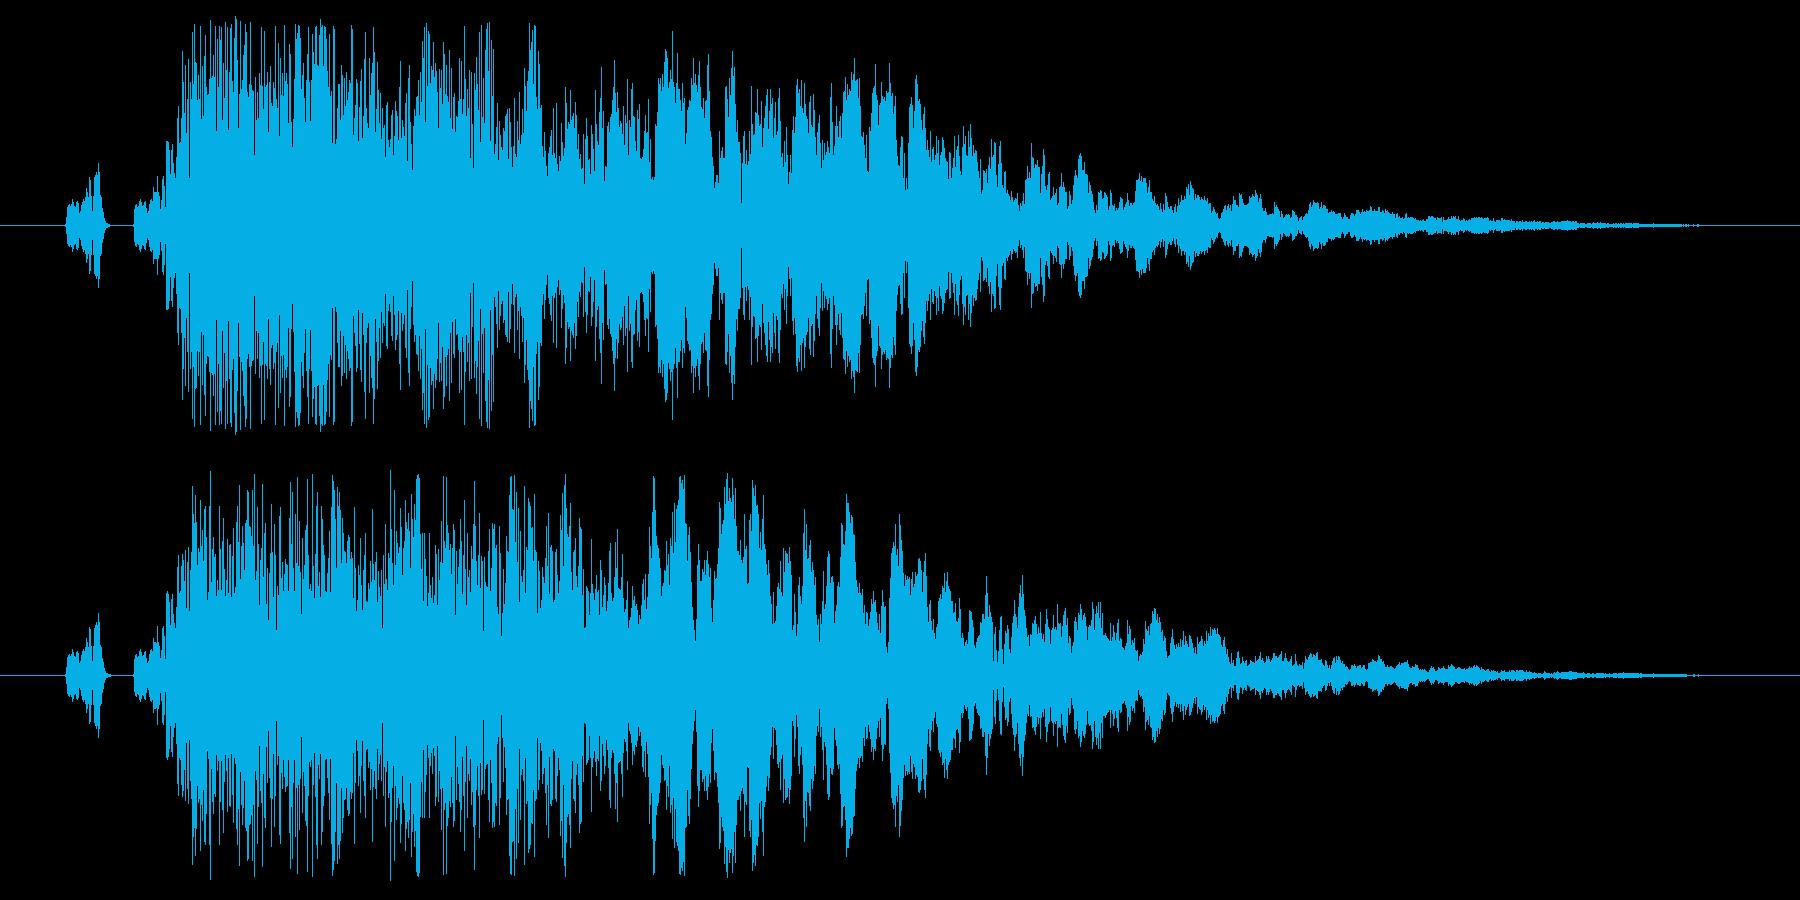 タッチ/決定/クリック/ボタン/戻る25の再生済みの波形